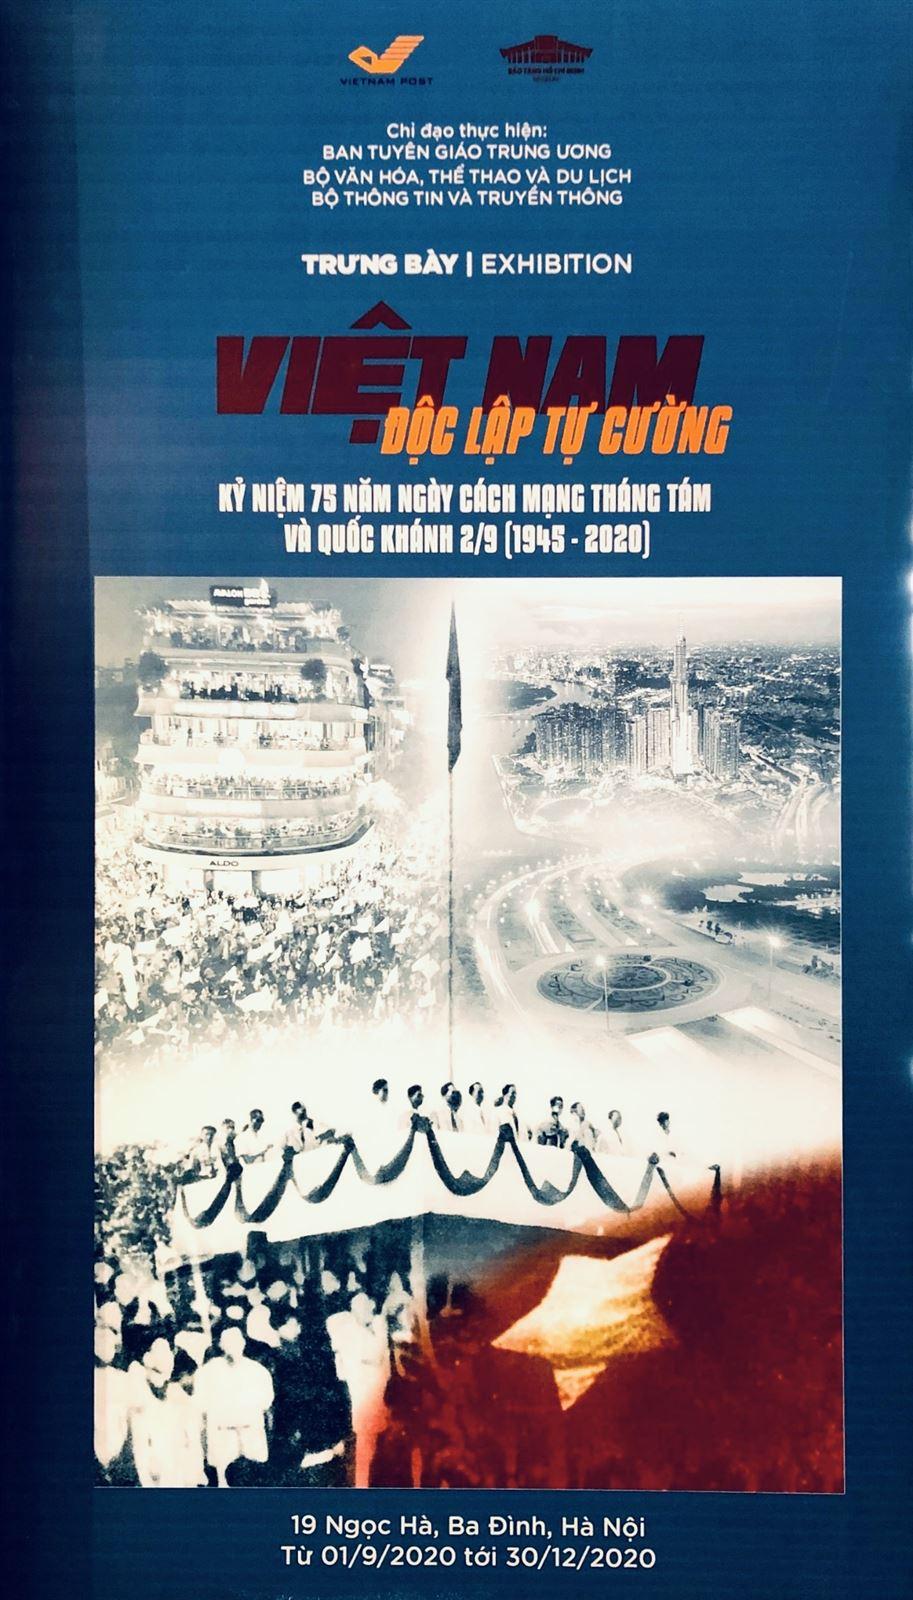 Việt Nam Độc lập, Tự cường